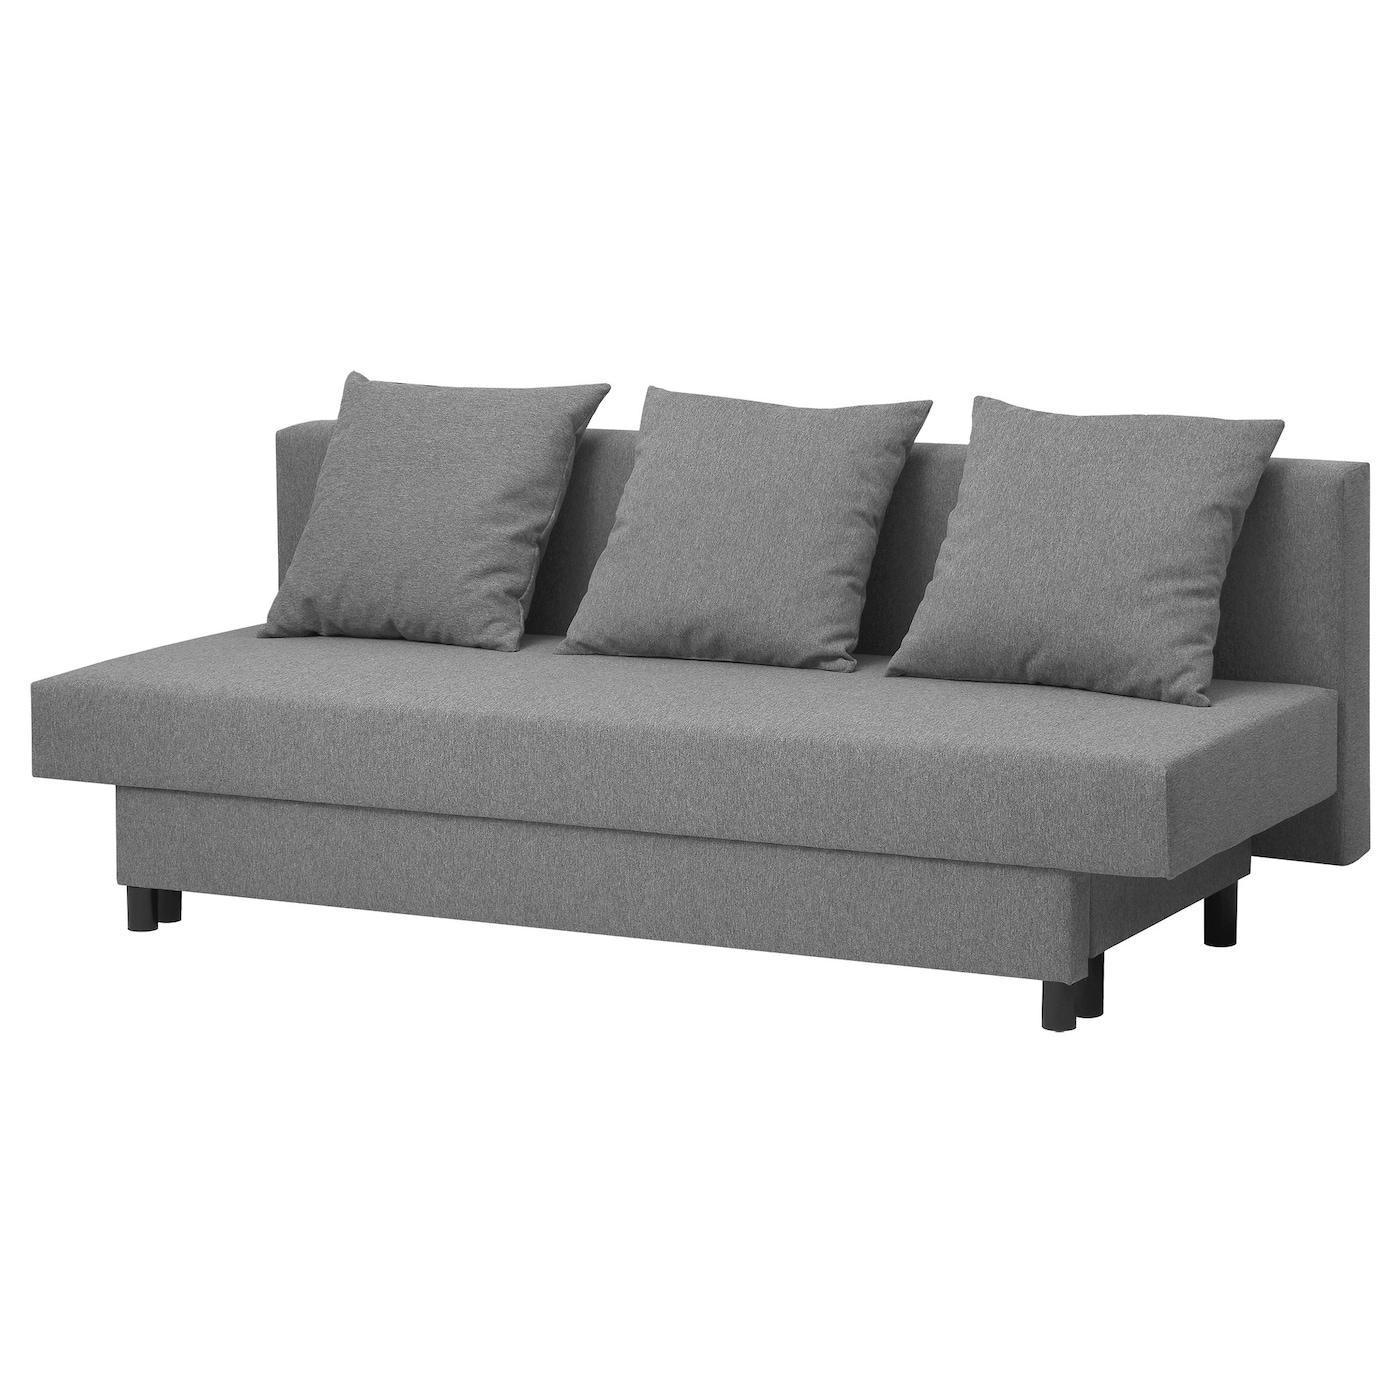 Sofás Cama De Calidad Compra Online Ikea